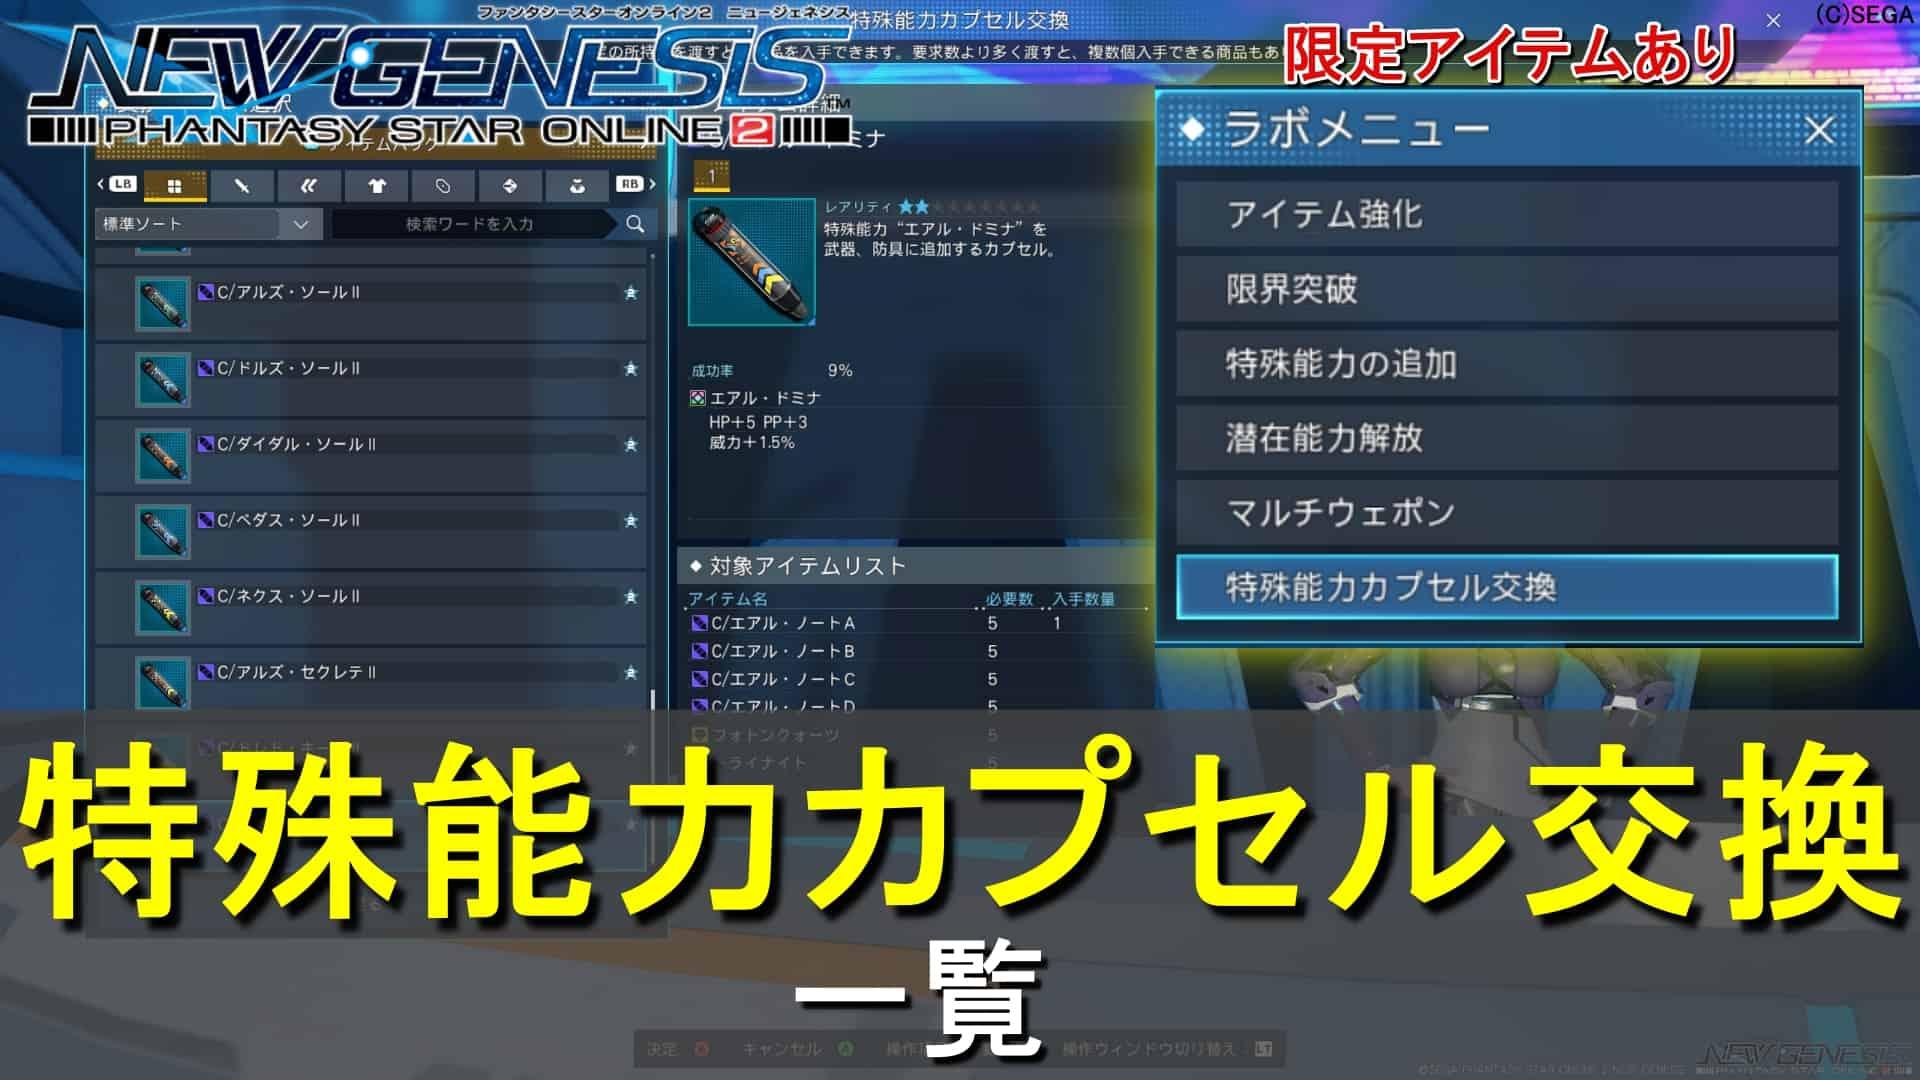 【PSO2NGS】アイテムラボの特殊能力カプセル交換レート一覧